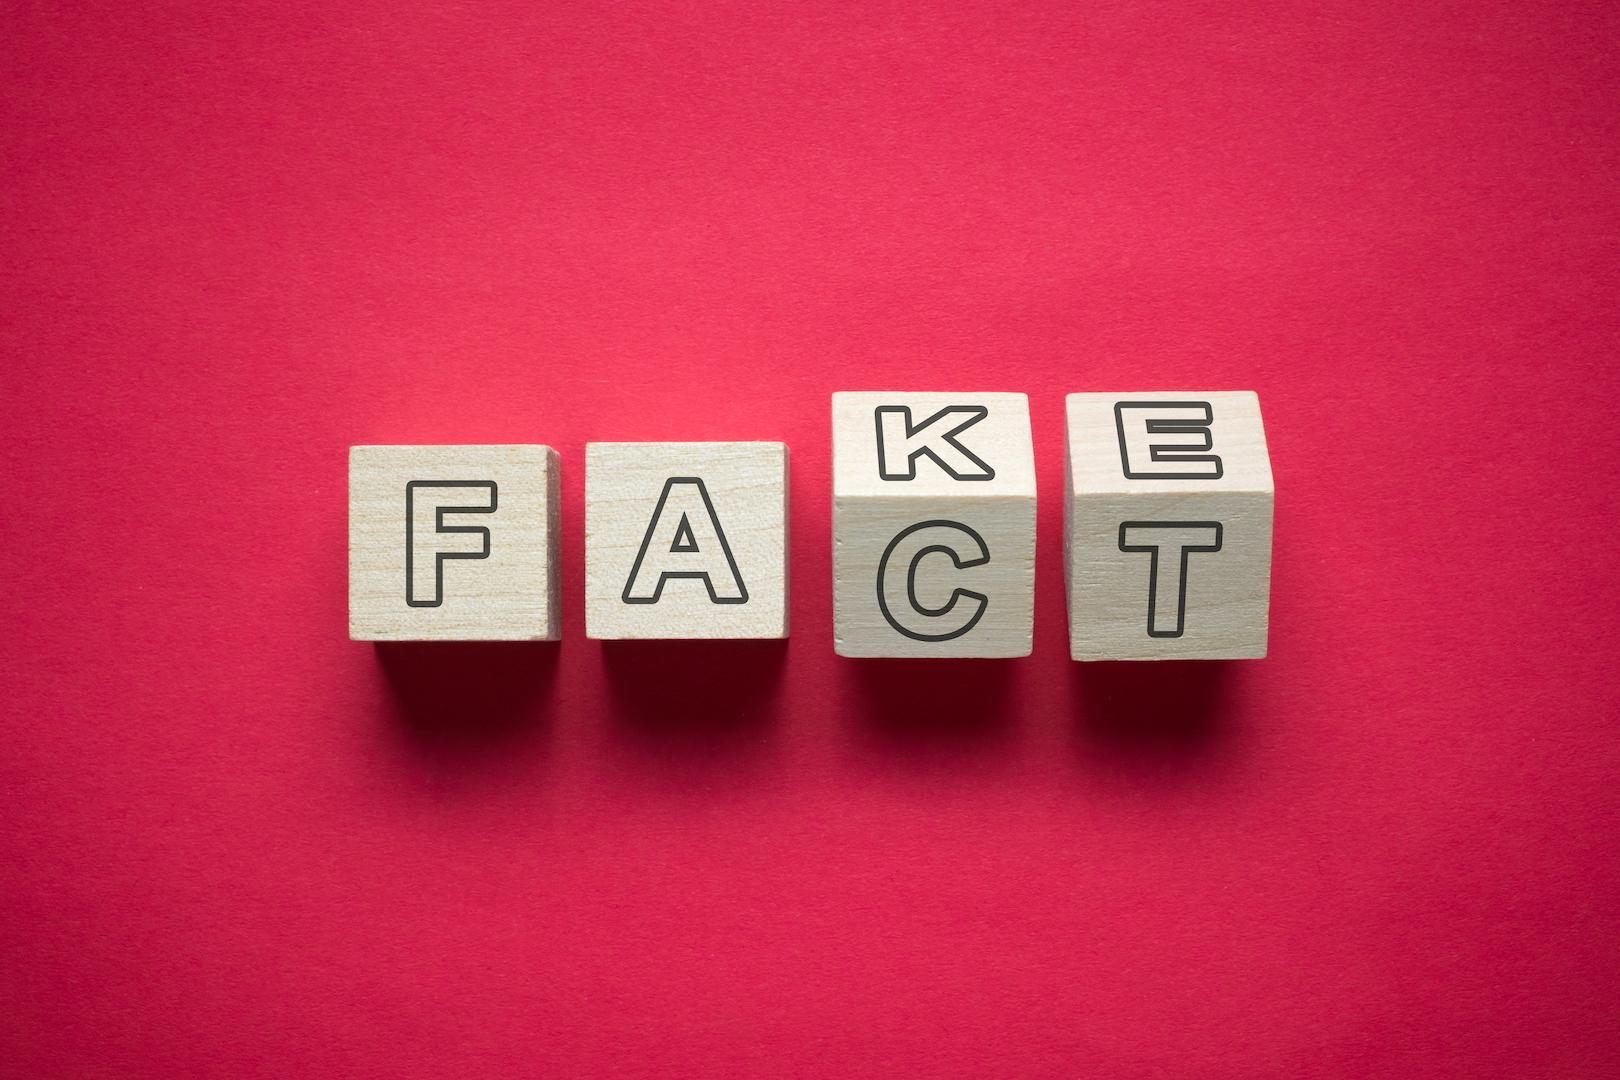 Os factos devem ser distinguidos das notícias falsas